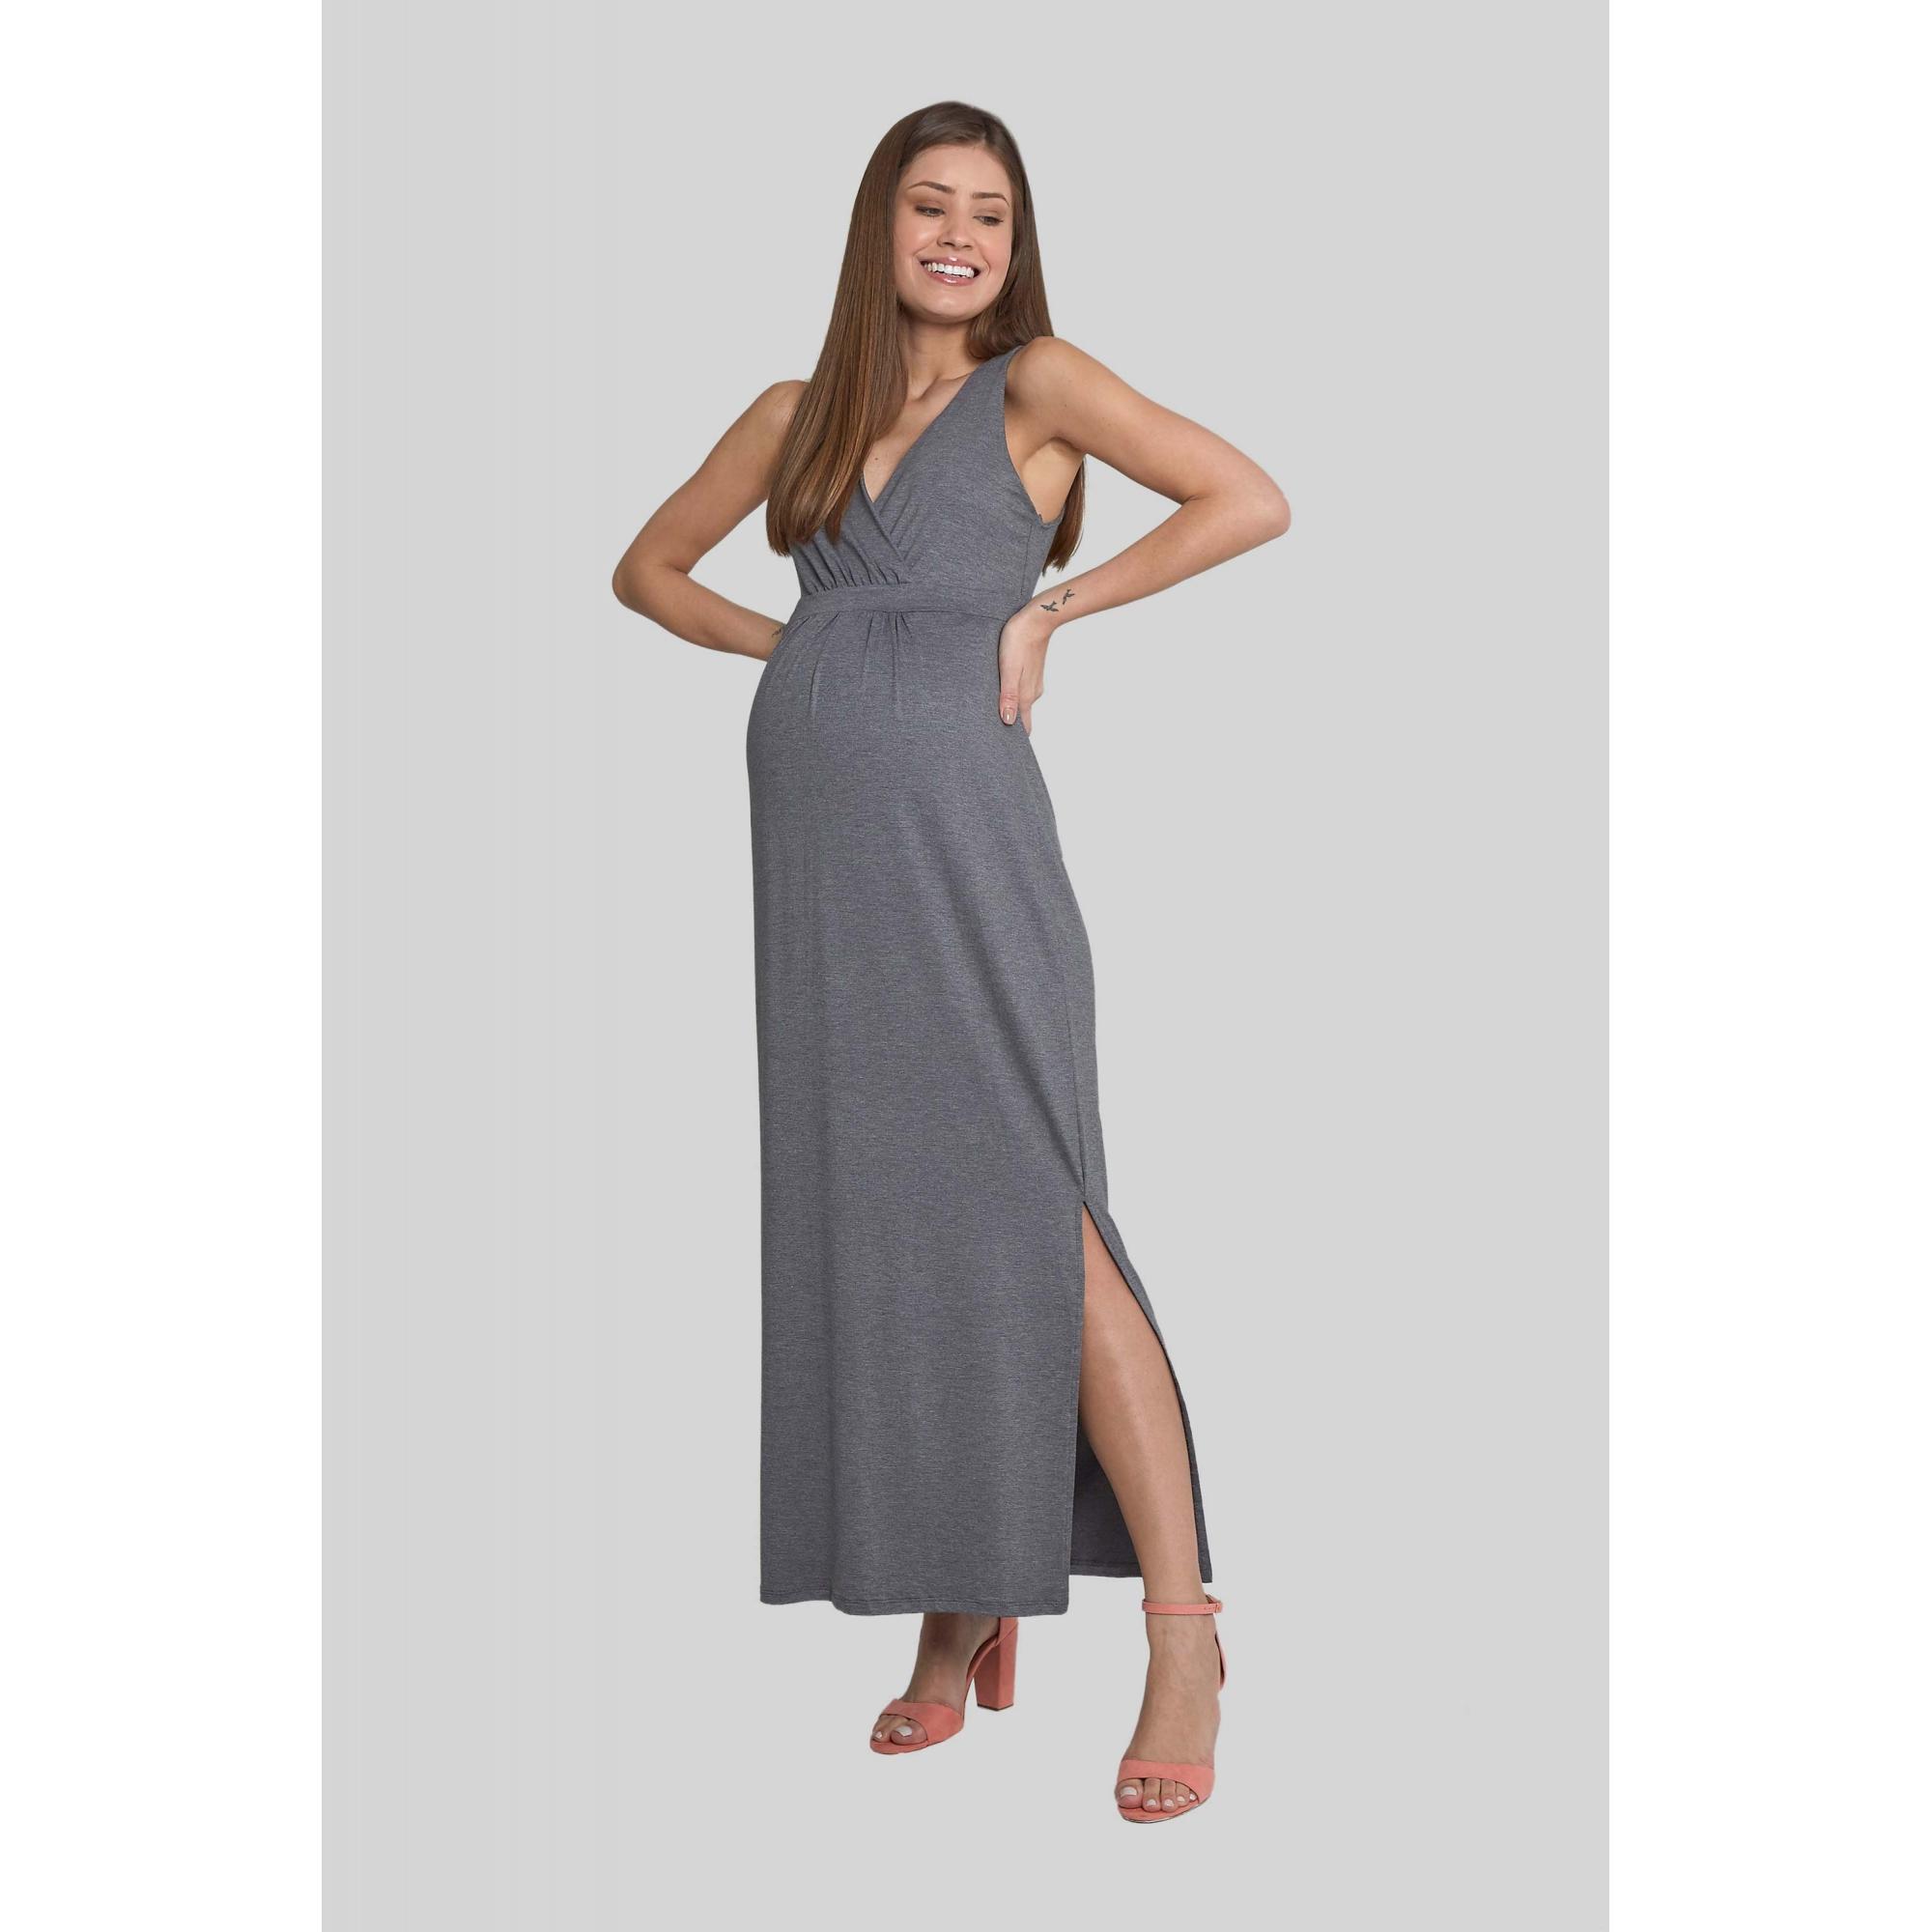 Vestido Gestante Longo Pêssego Mescla